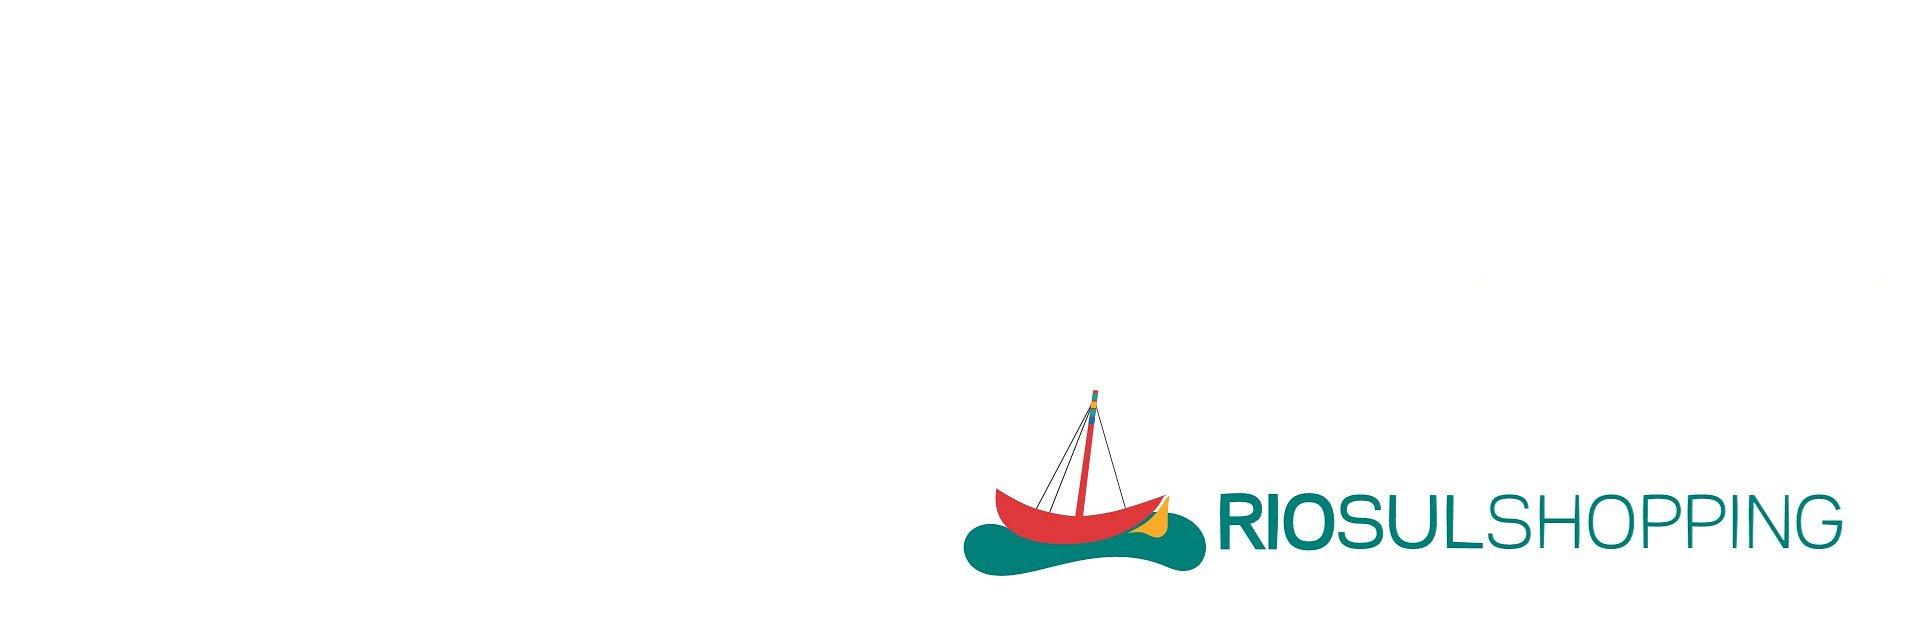 RioSul Shopping recebe Maurício Meirelles para um momento de comédia